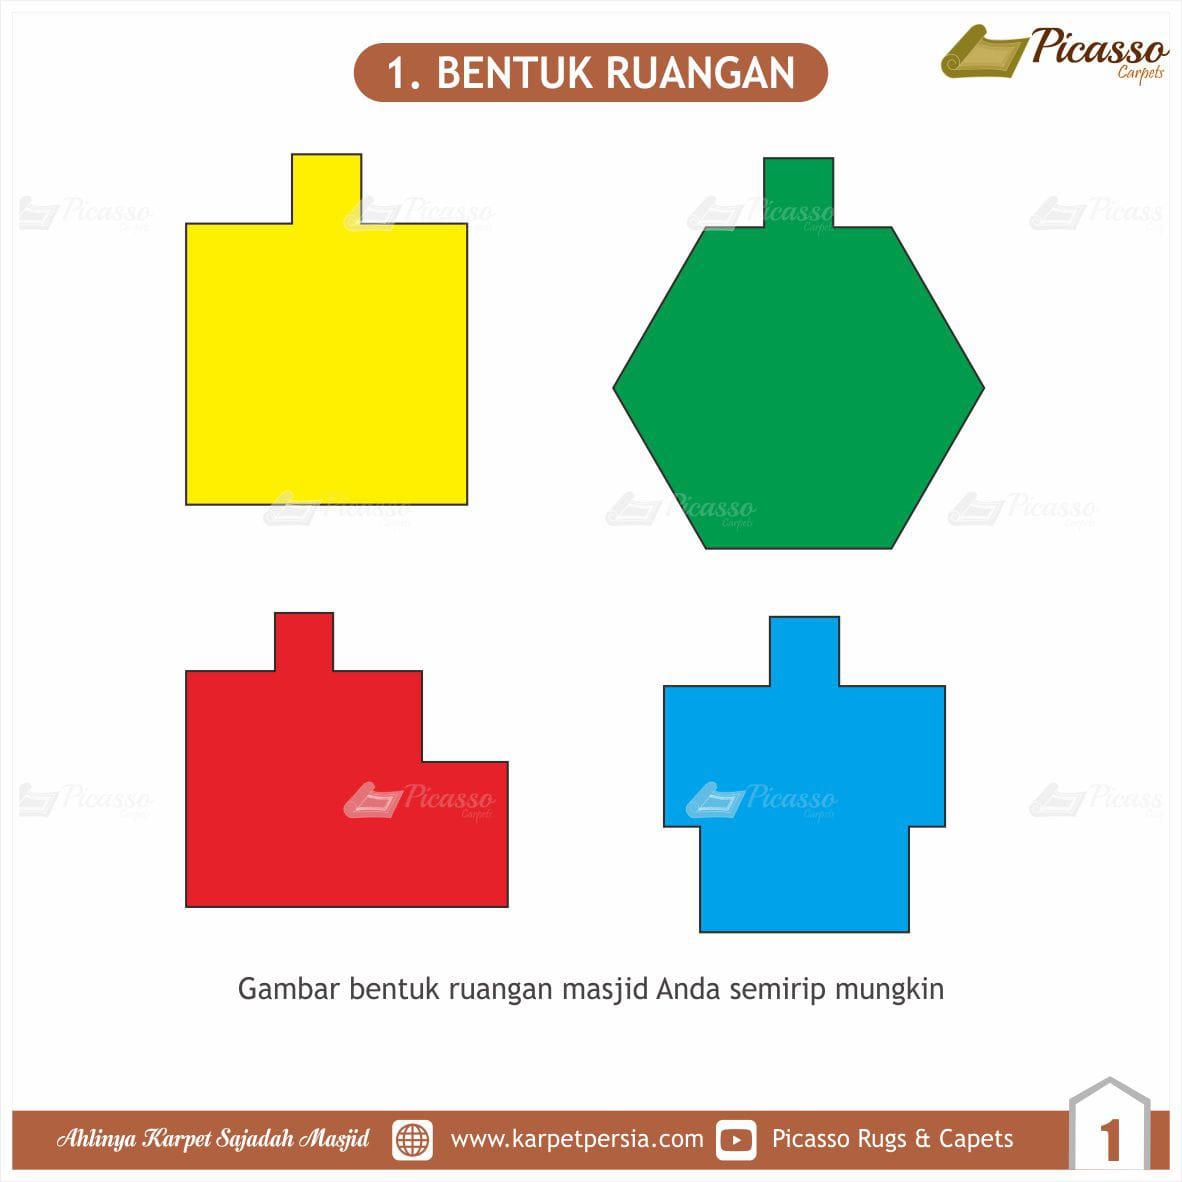 Tips Menggambar Layout Musholla Rumah Agar Karpet Sajadah Terpasang Rapi (1)